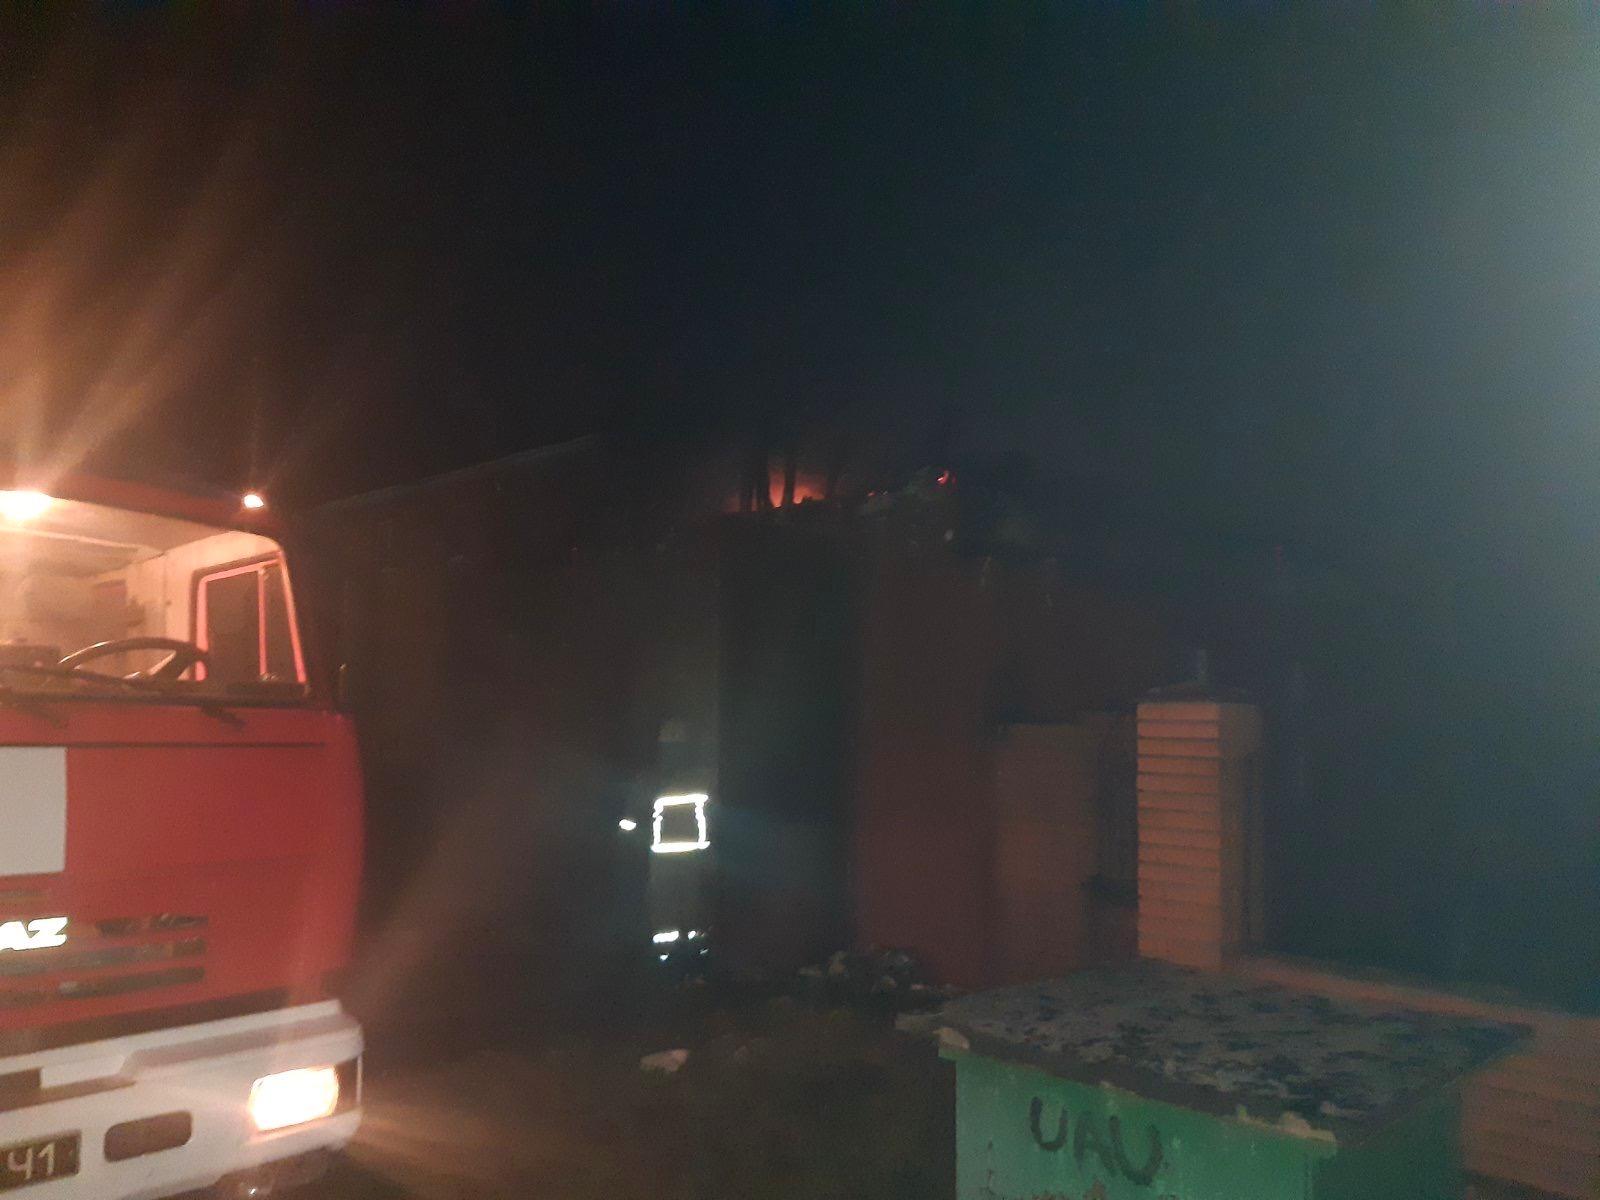 Під Києвом вщент згорів двоповерховий дерев'яний будинок та іномарка - пожежа, озера, Бородянка - 01 1